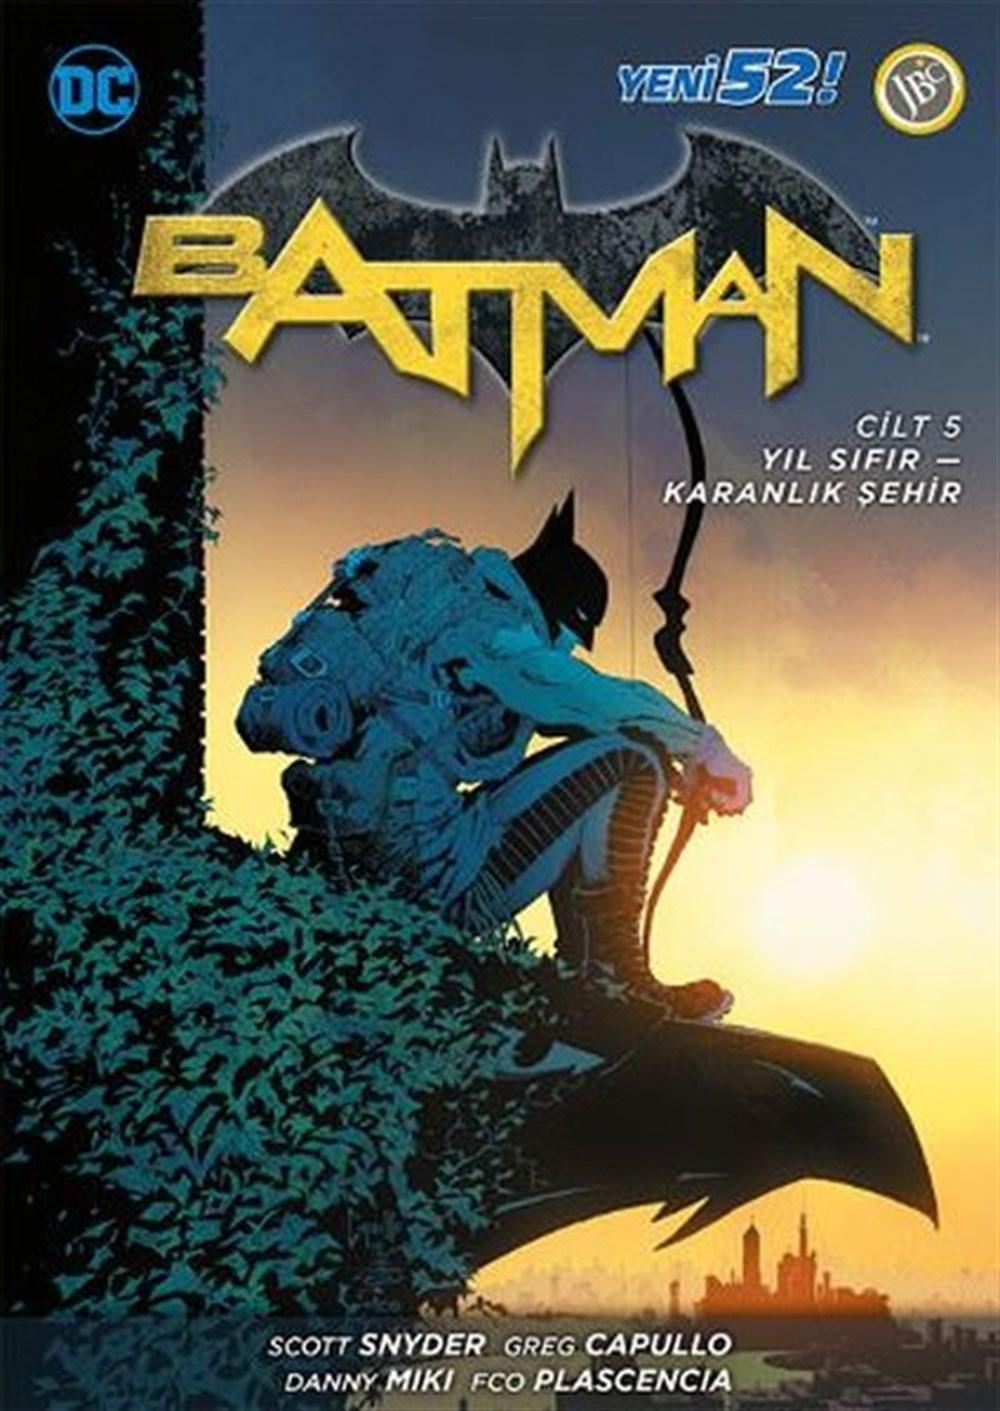 Batman Yeni 52 Cilt 5 : Yıl Sıfır - Karanlık Şehir